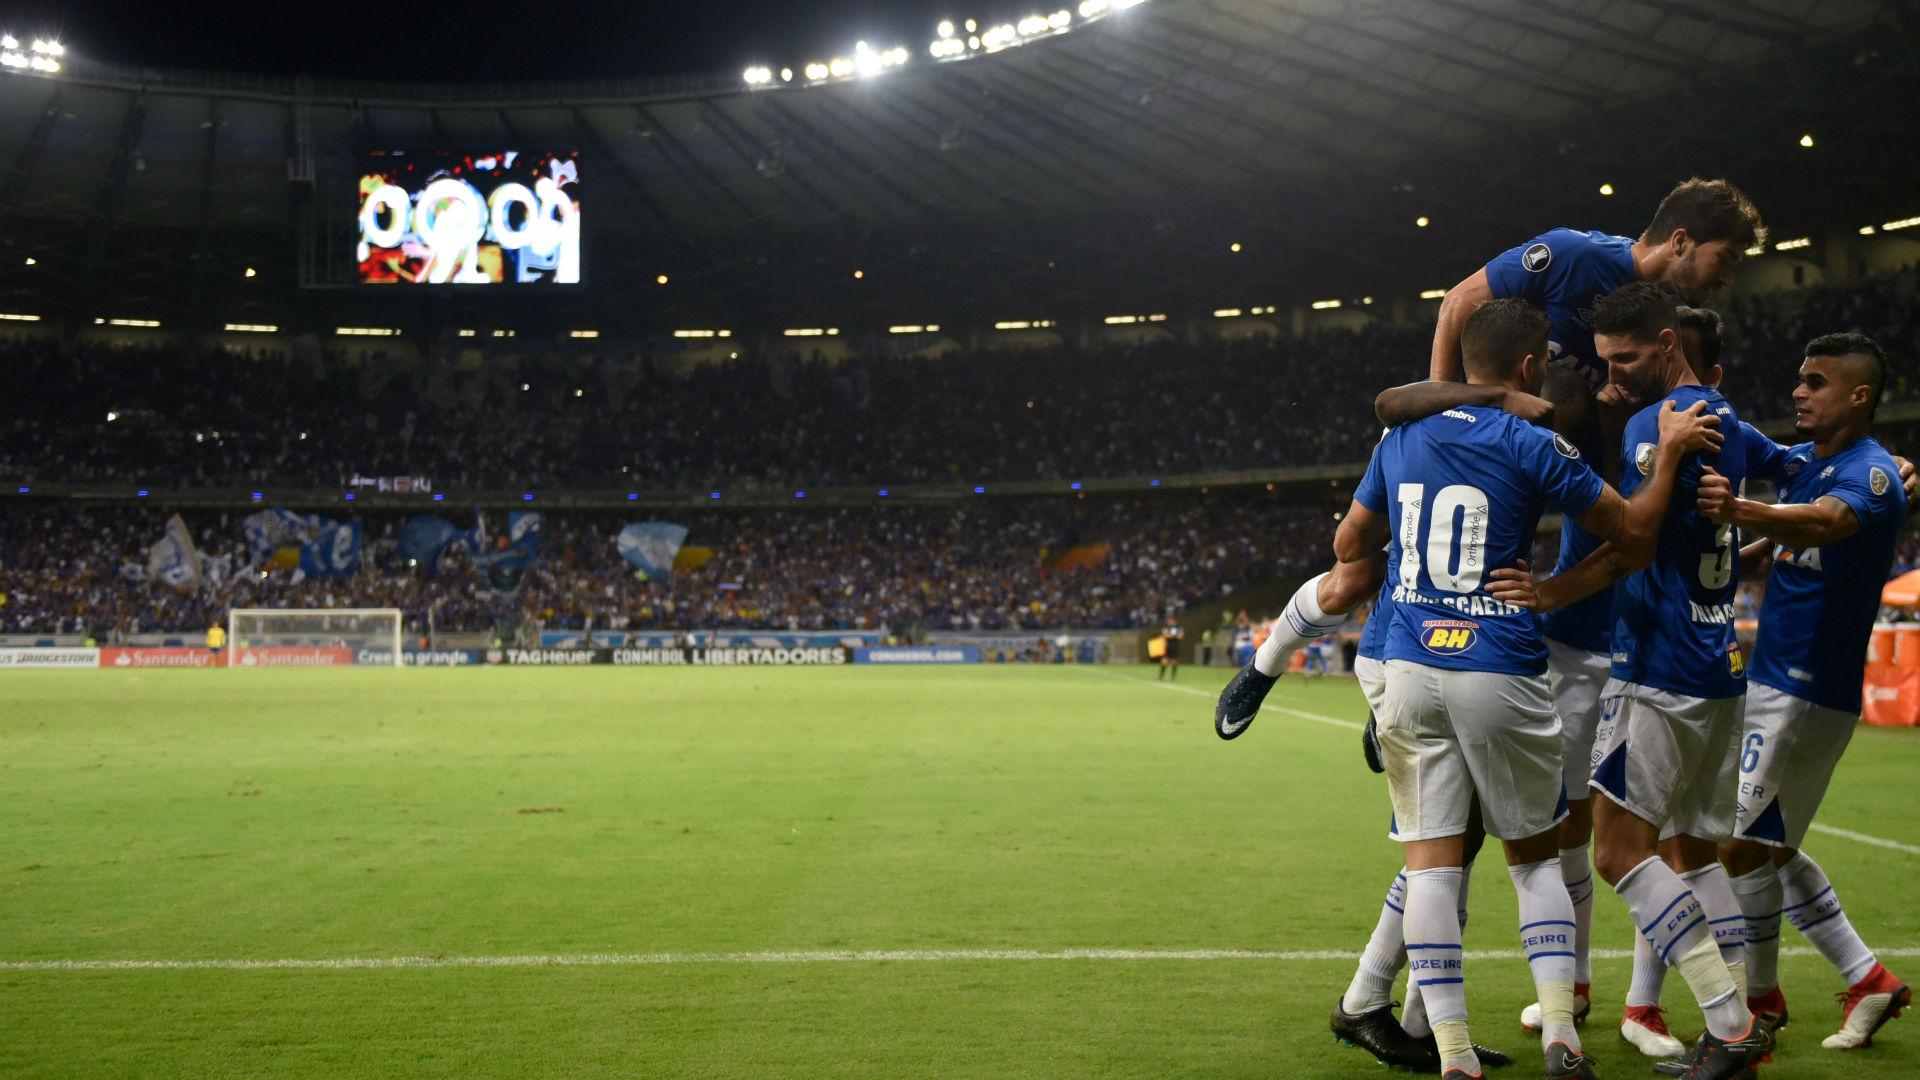 Cruzeiro Universidad Chile Libertadores 26 04 2018